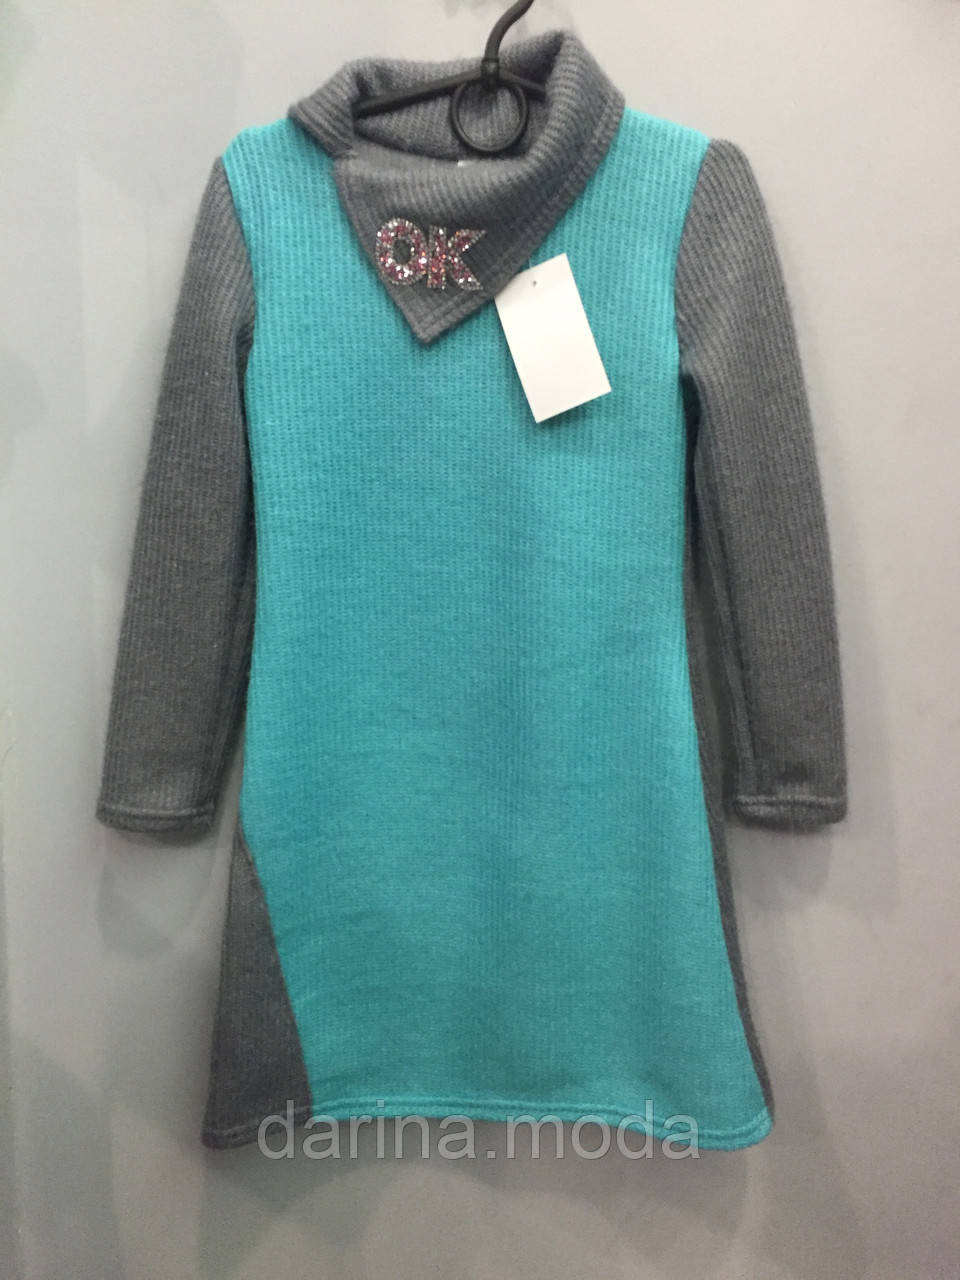 Подростковое теплое платье для девочки 134 см, фото 1